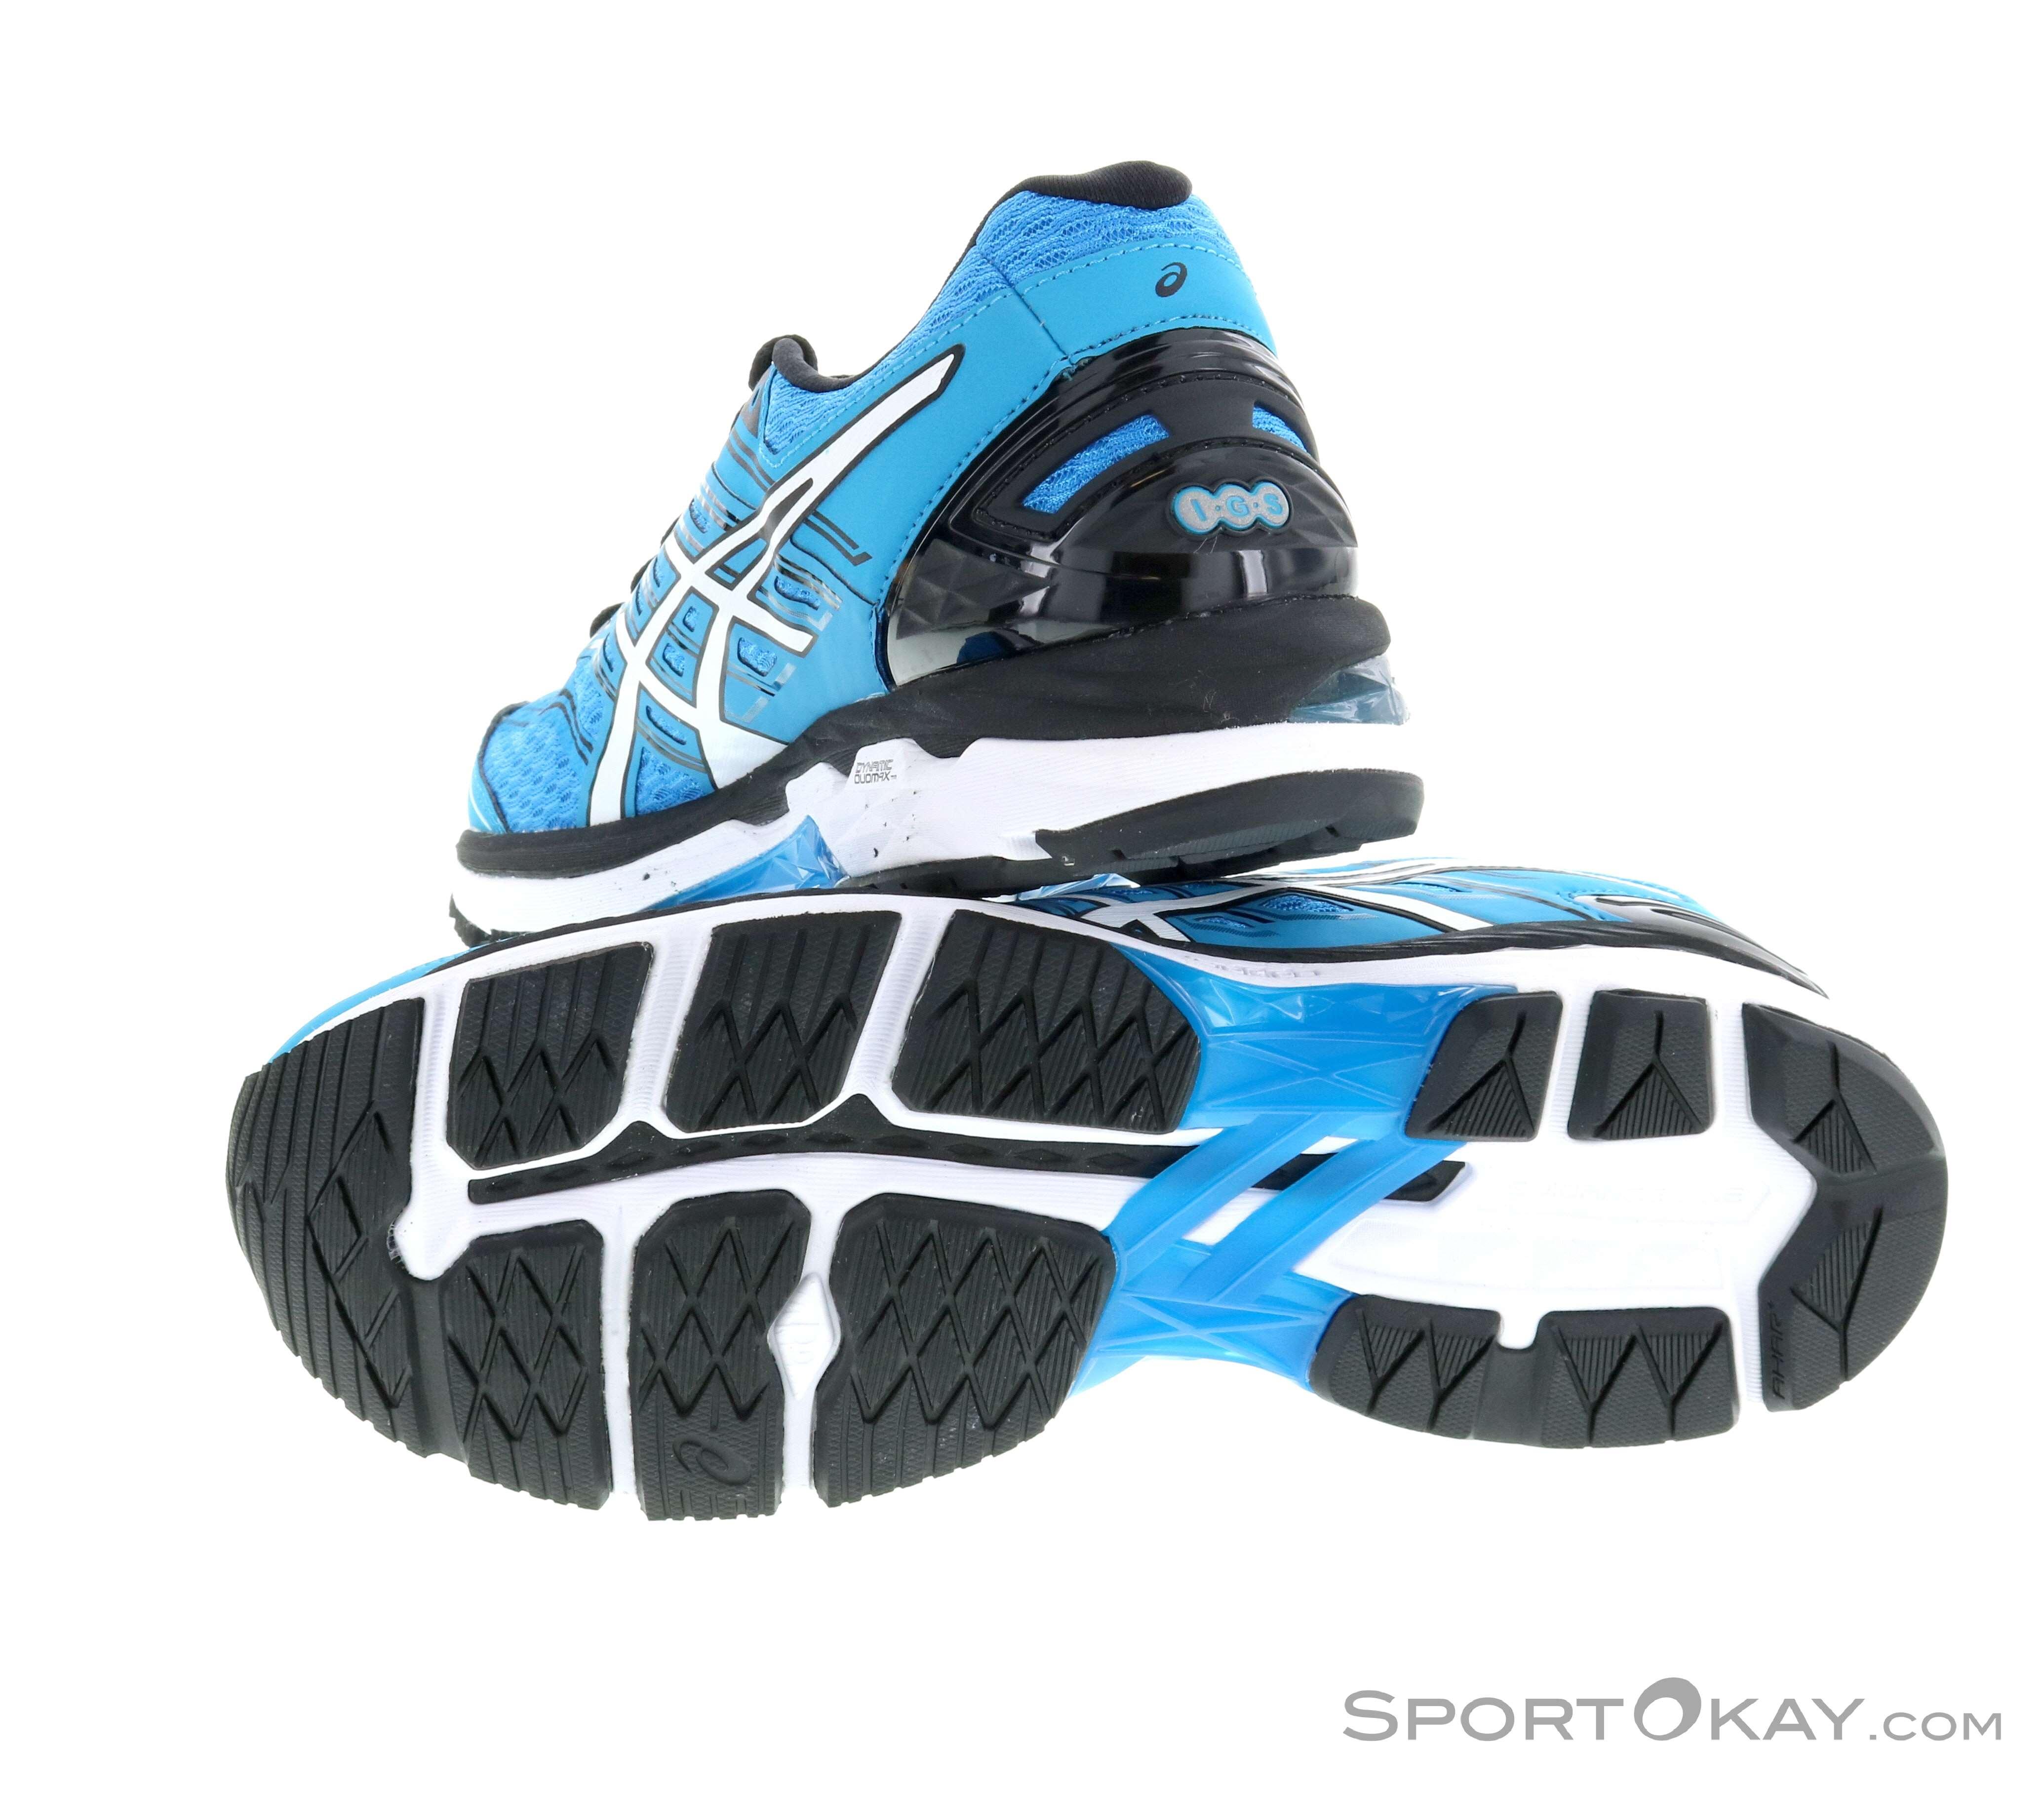 timeless design 80f95 c51c4 Asics Asics GT 2000 5 Mens Running Shoes